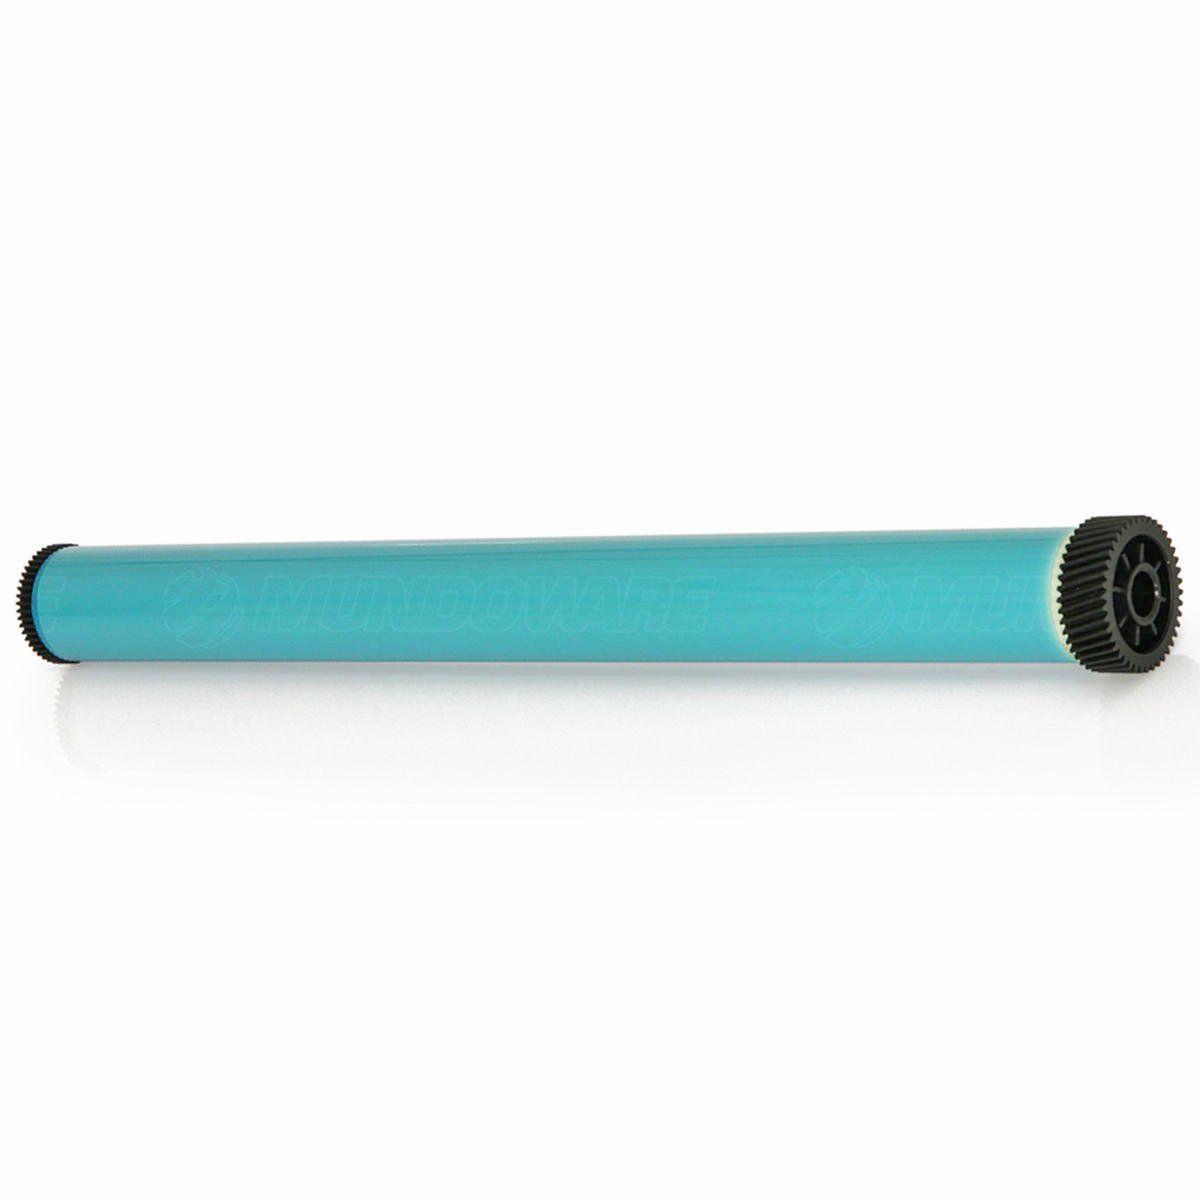 Cilindro para Toner Compatível com Impressora Ricoh SP3500 SP3500SF SP3510 SP3510DN SP3510SF SP3400LA SP3500XA